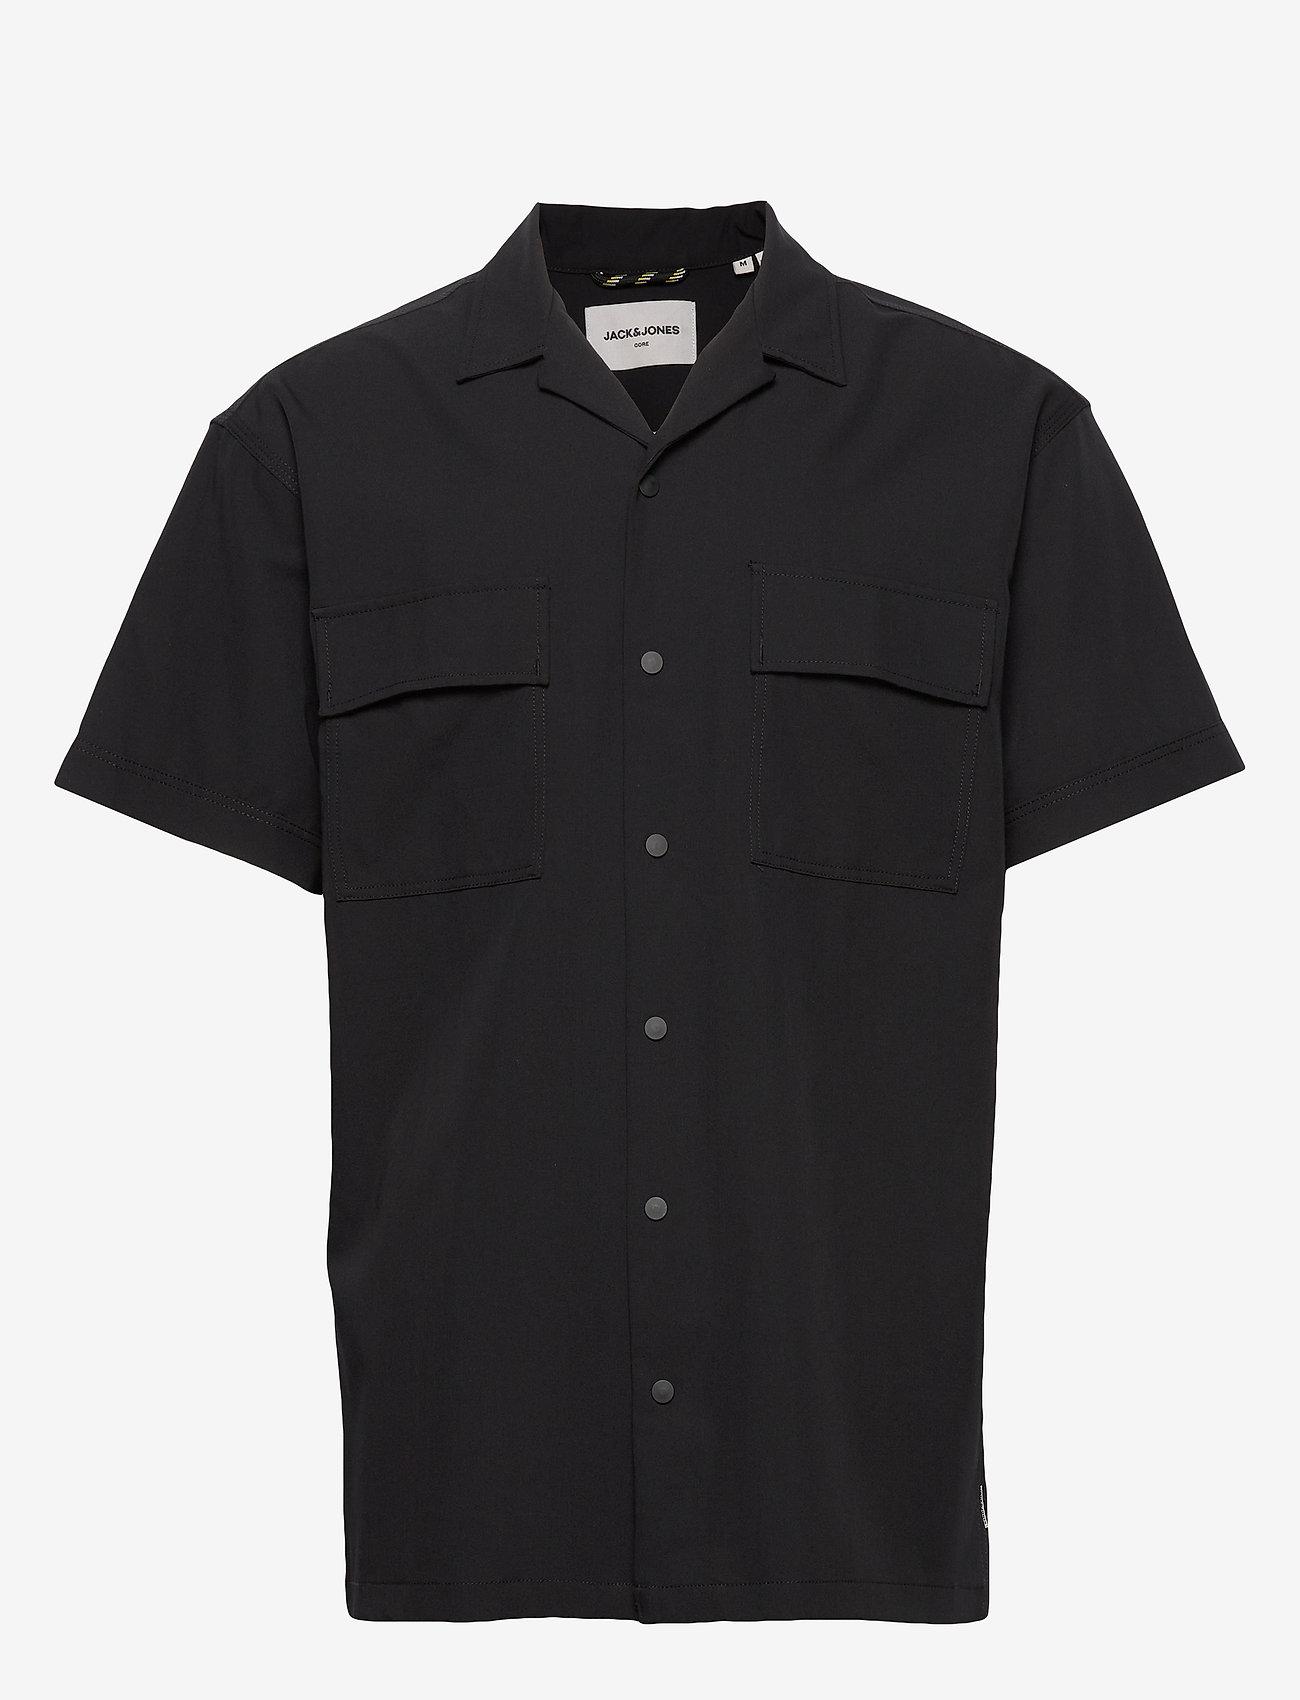 Jack & Jones - JCOMONO SHIRT SS WORKER - basic skjorter - black - 0